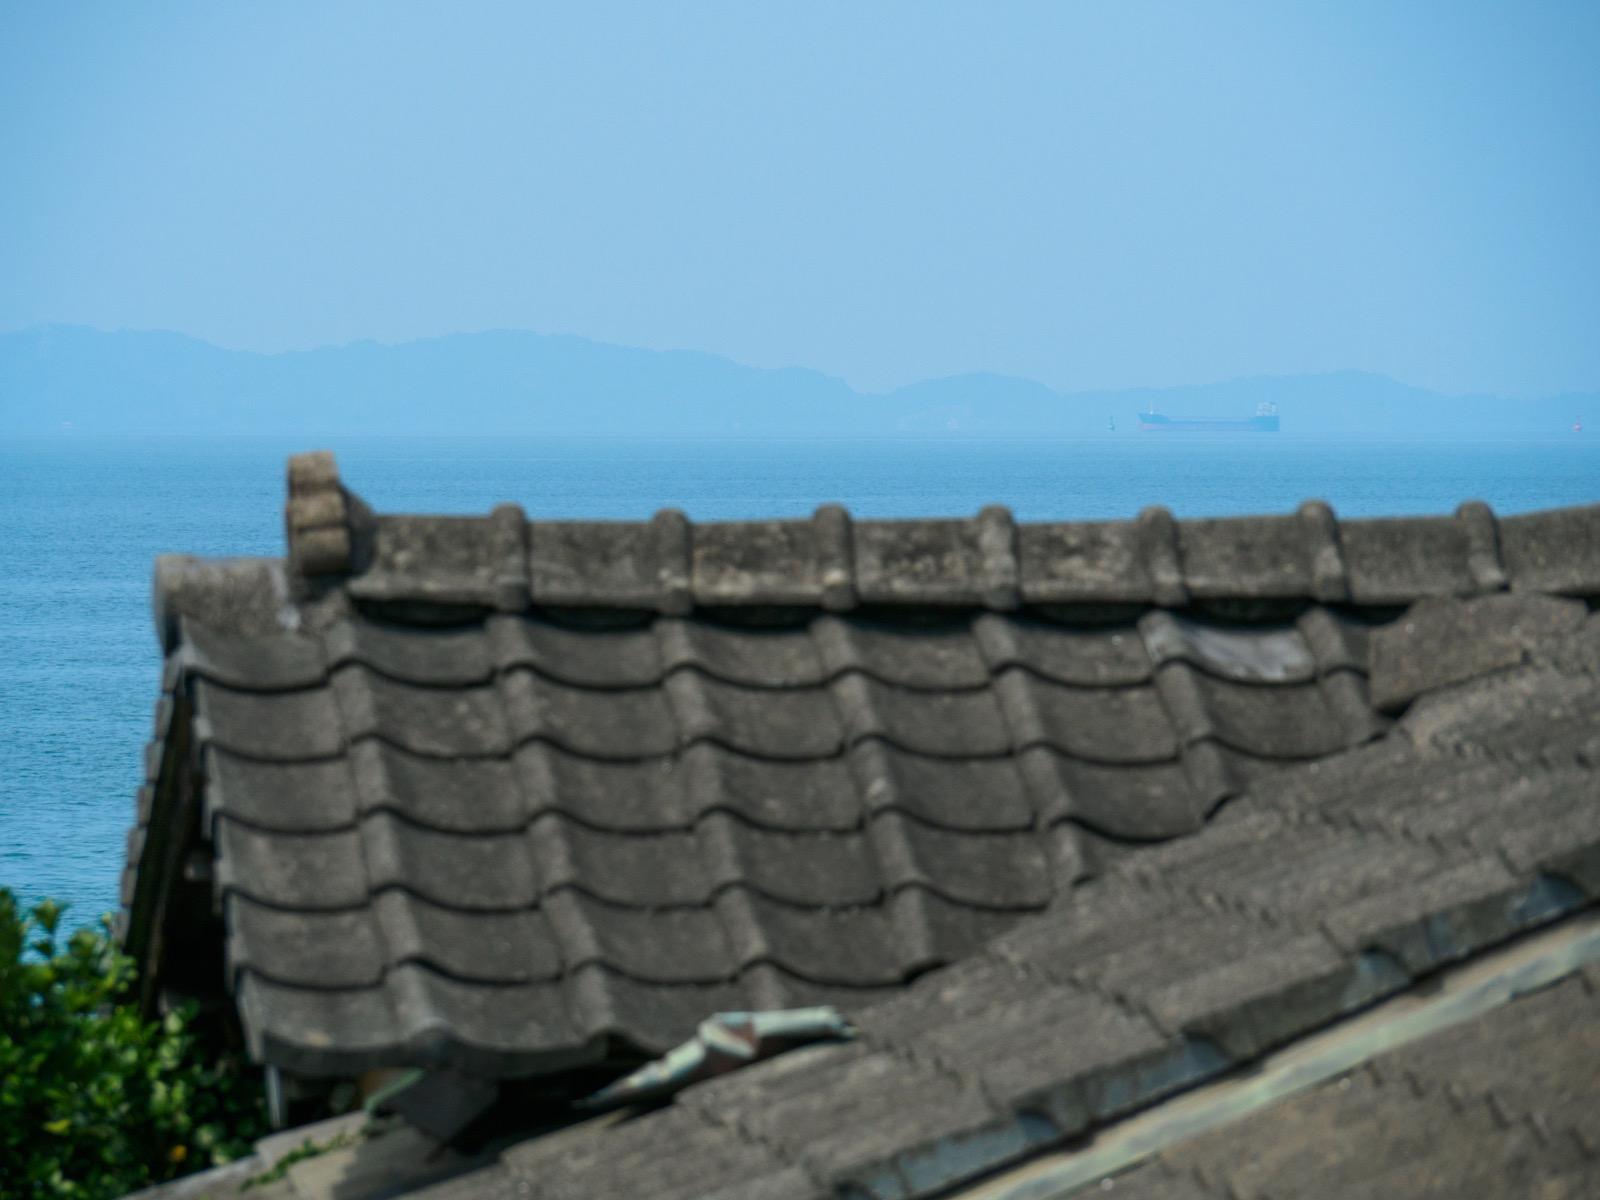 上田浦駅の跨線橋から見る八代海と天草諸島